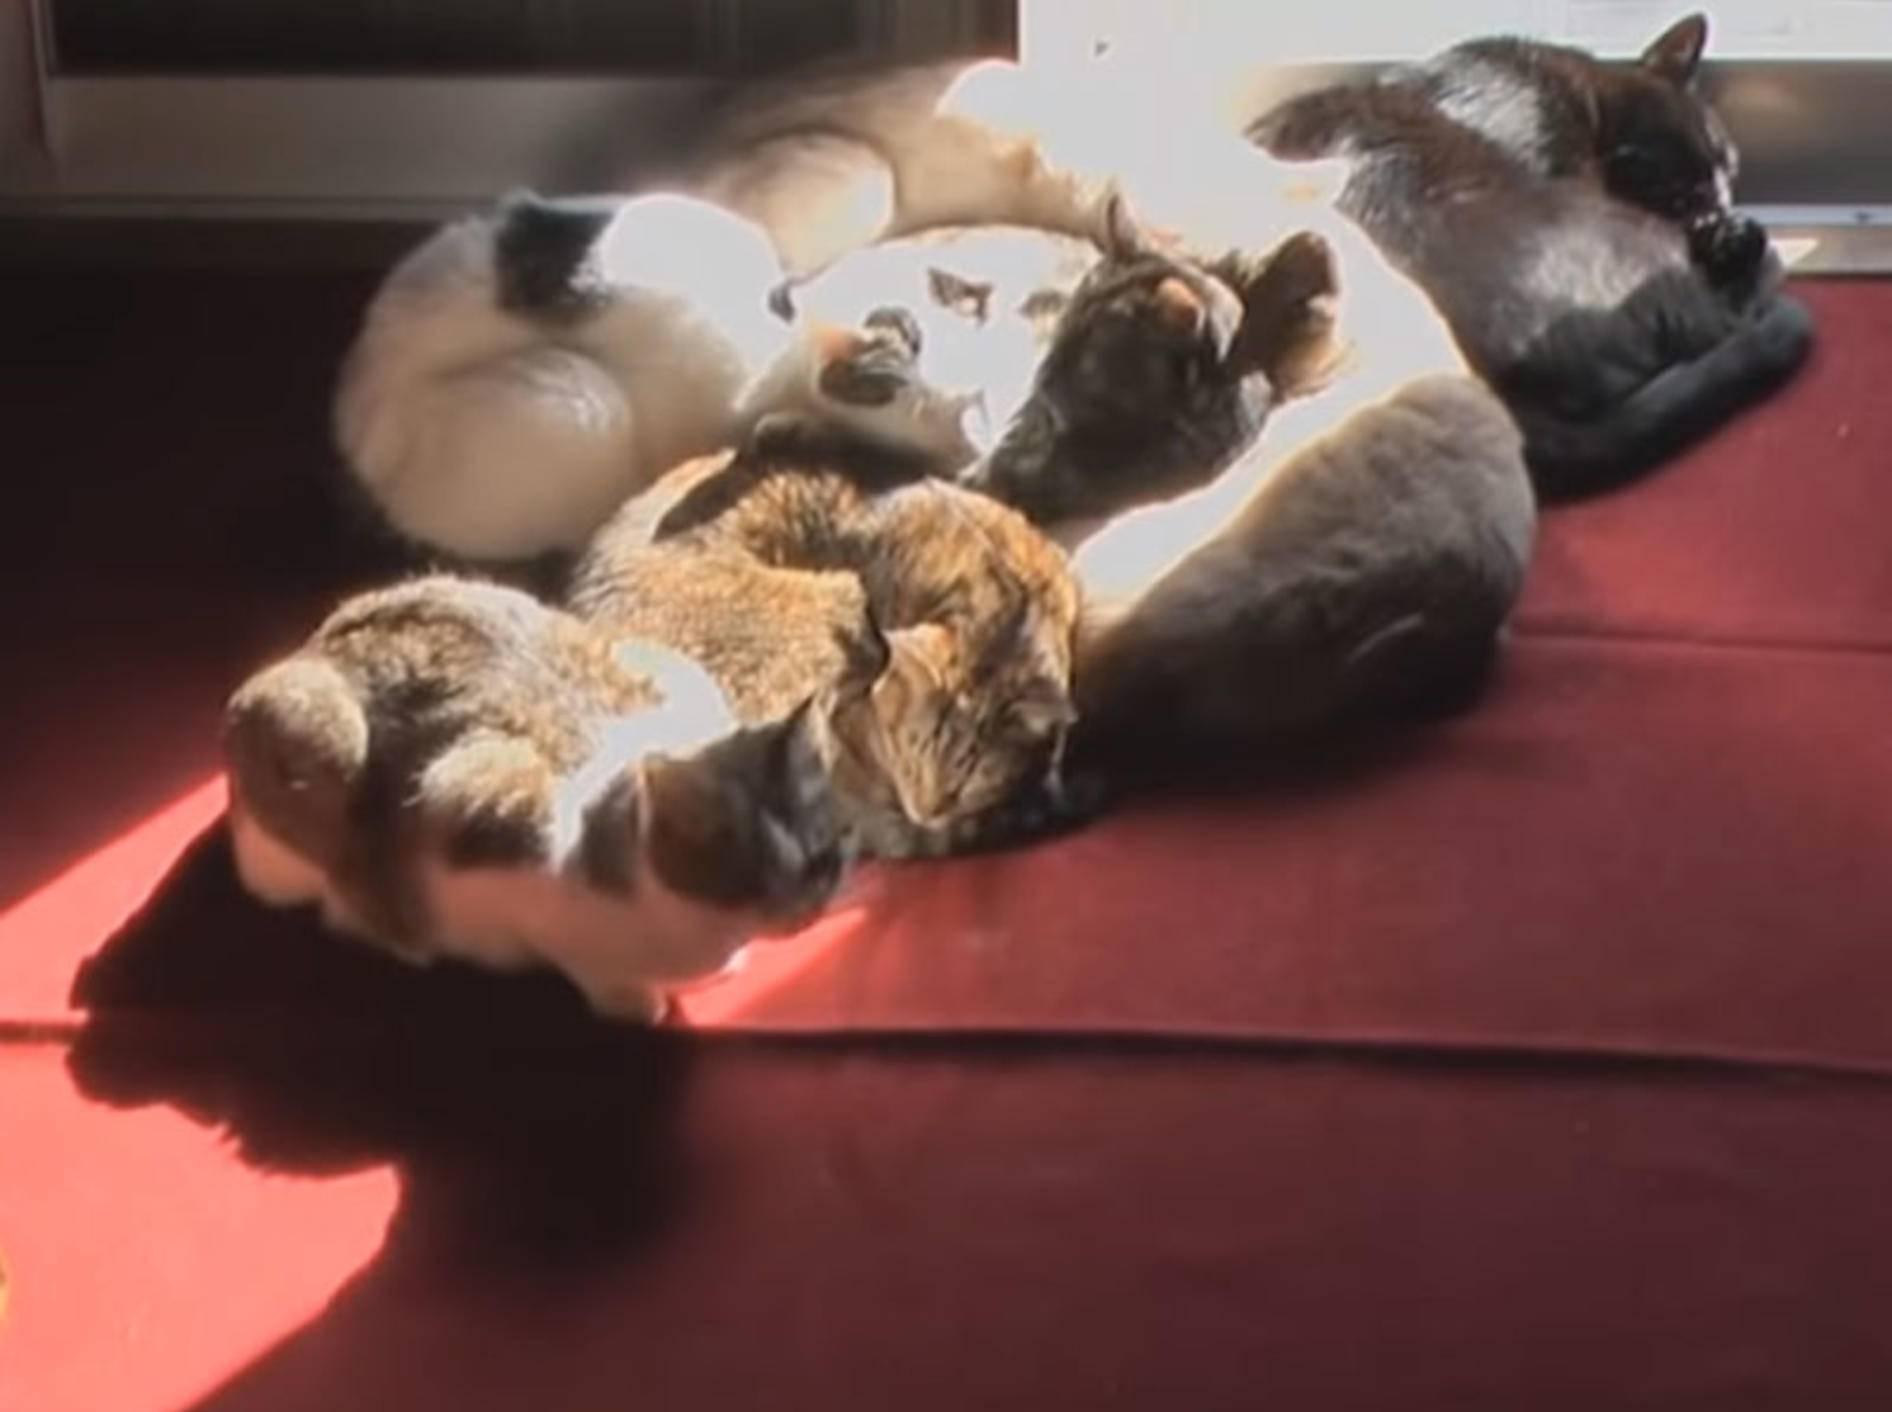 Diese Samtpfoten genießen die Sonnenstrahlen, die ins Zimmer dringen - Bild: YouTube / Mieze Cat